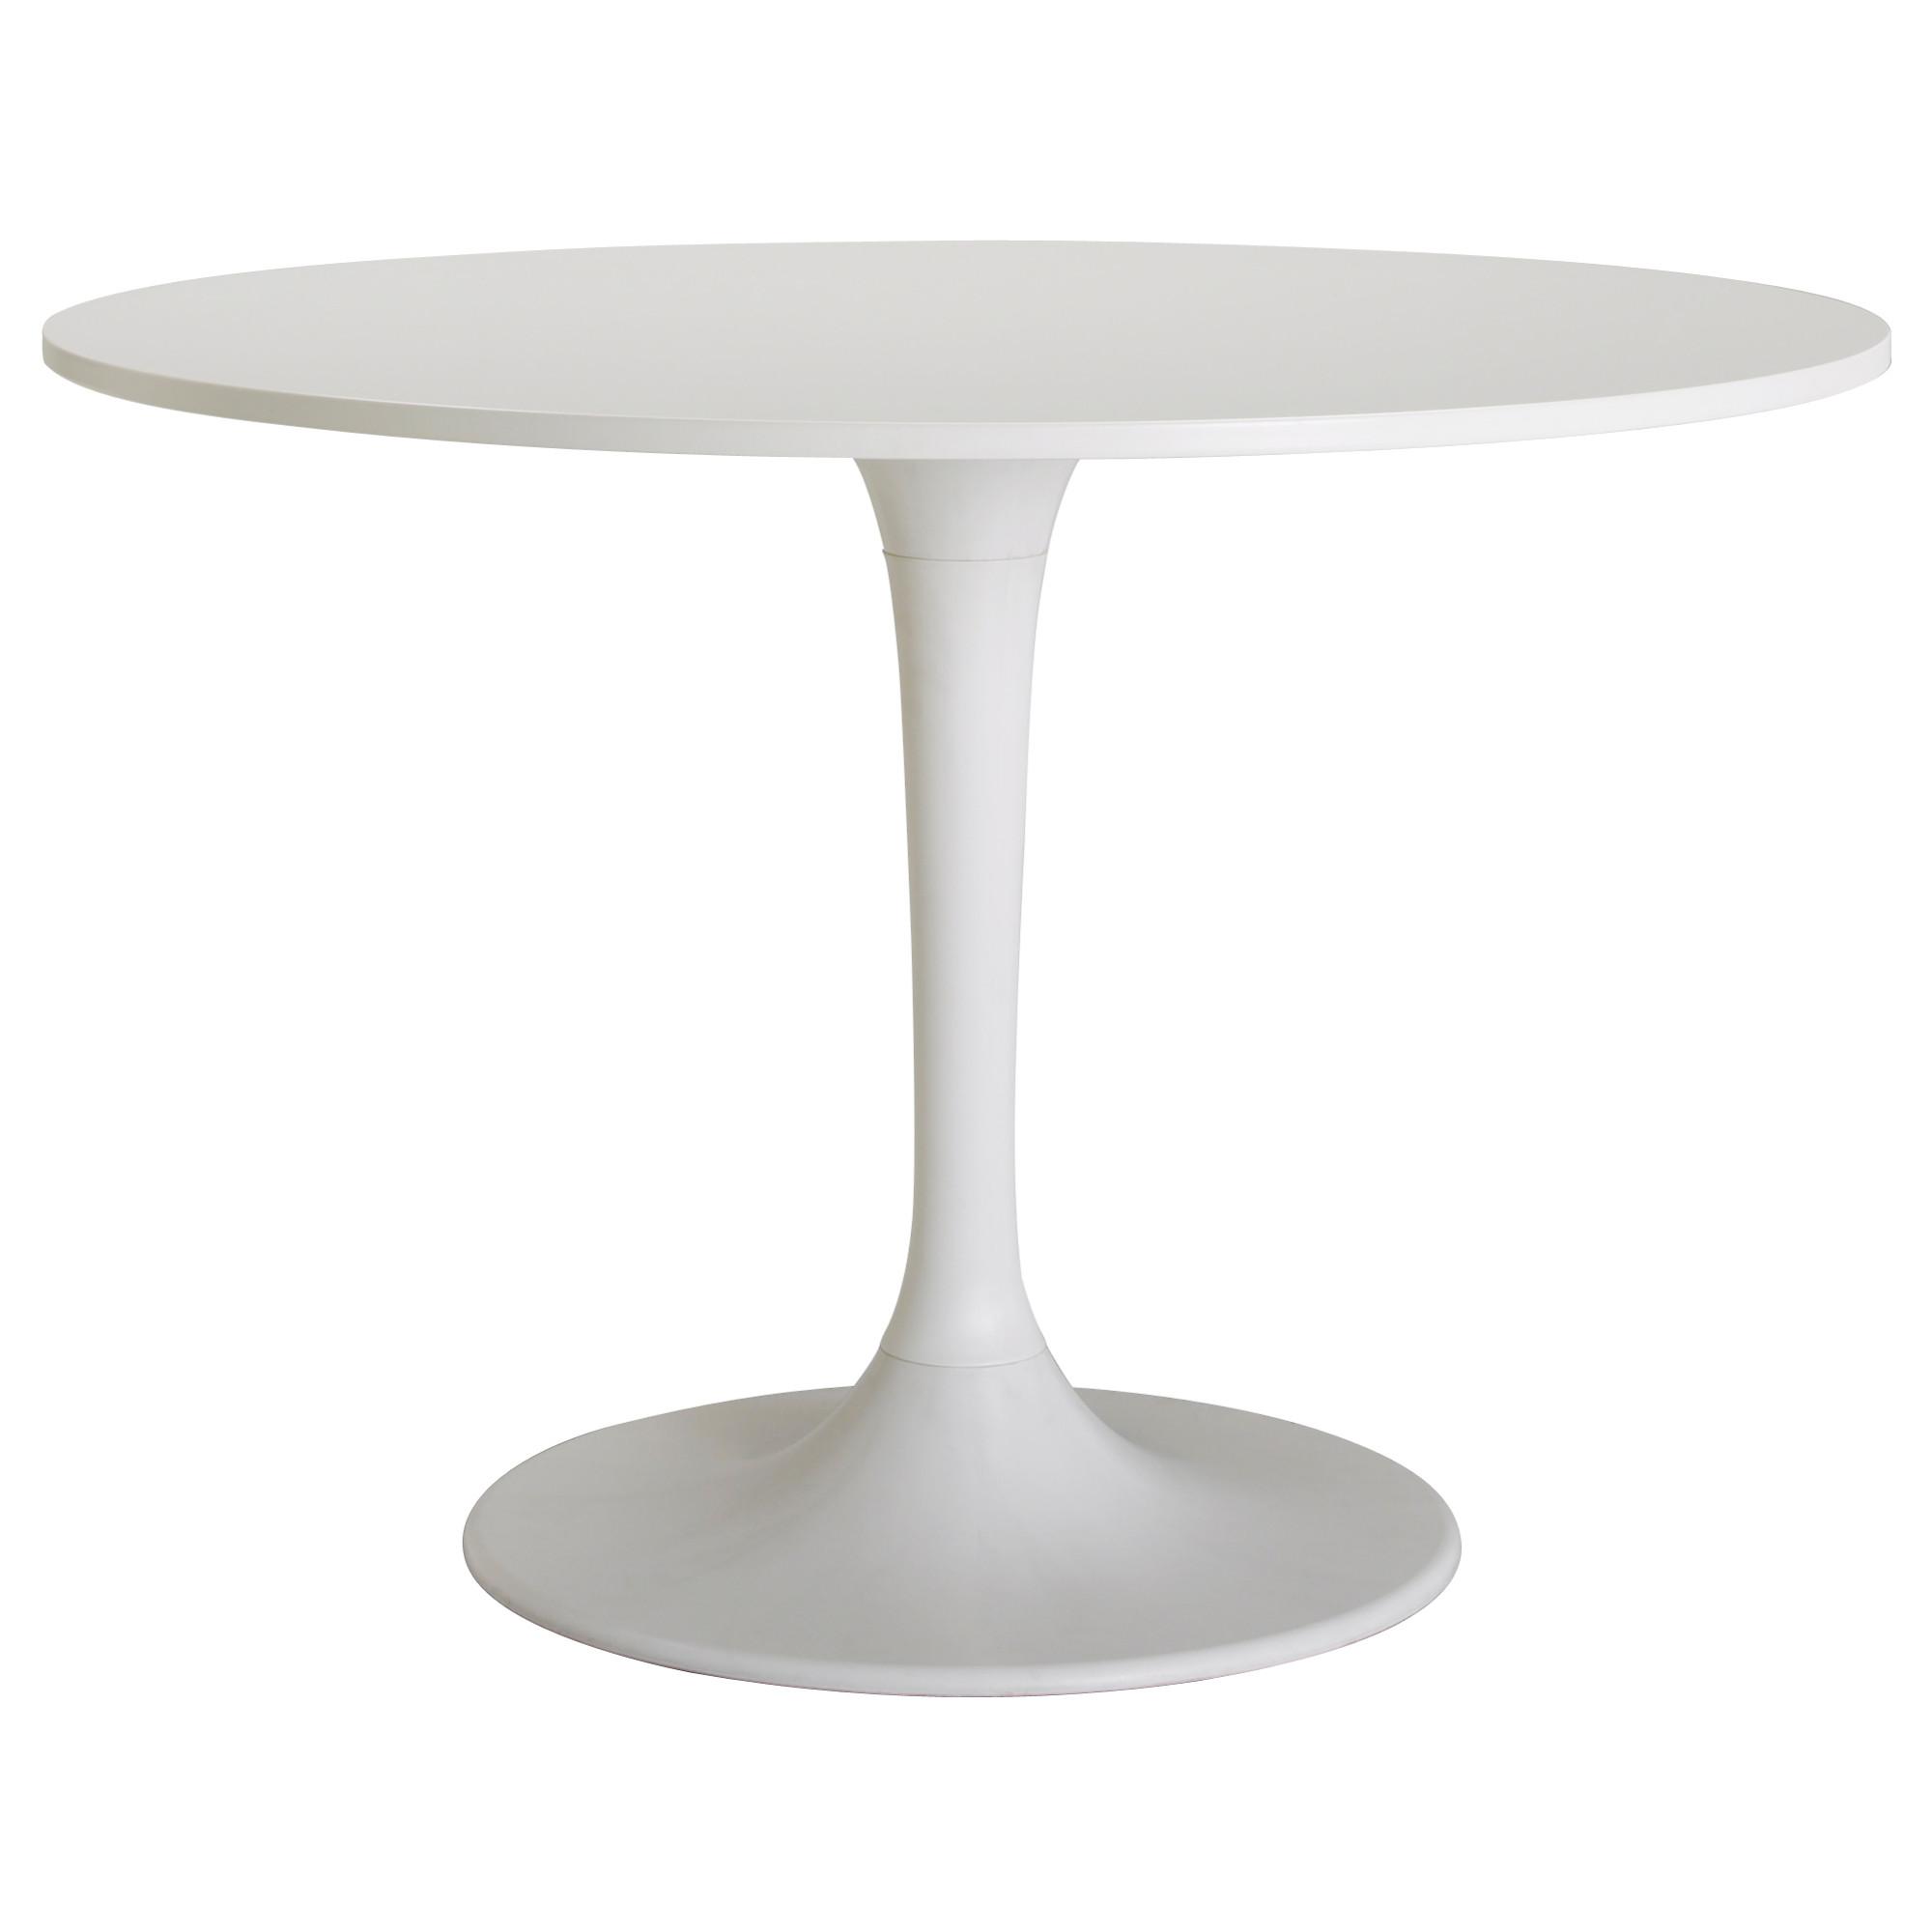 DOCKSTA Table, white, white IKEA